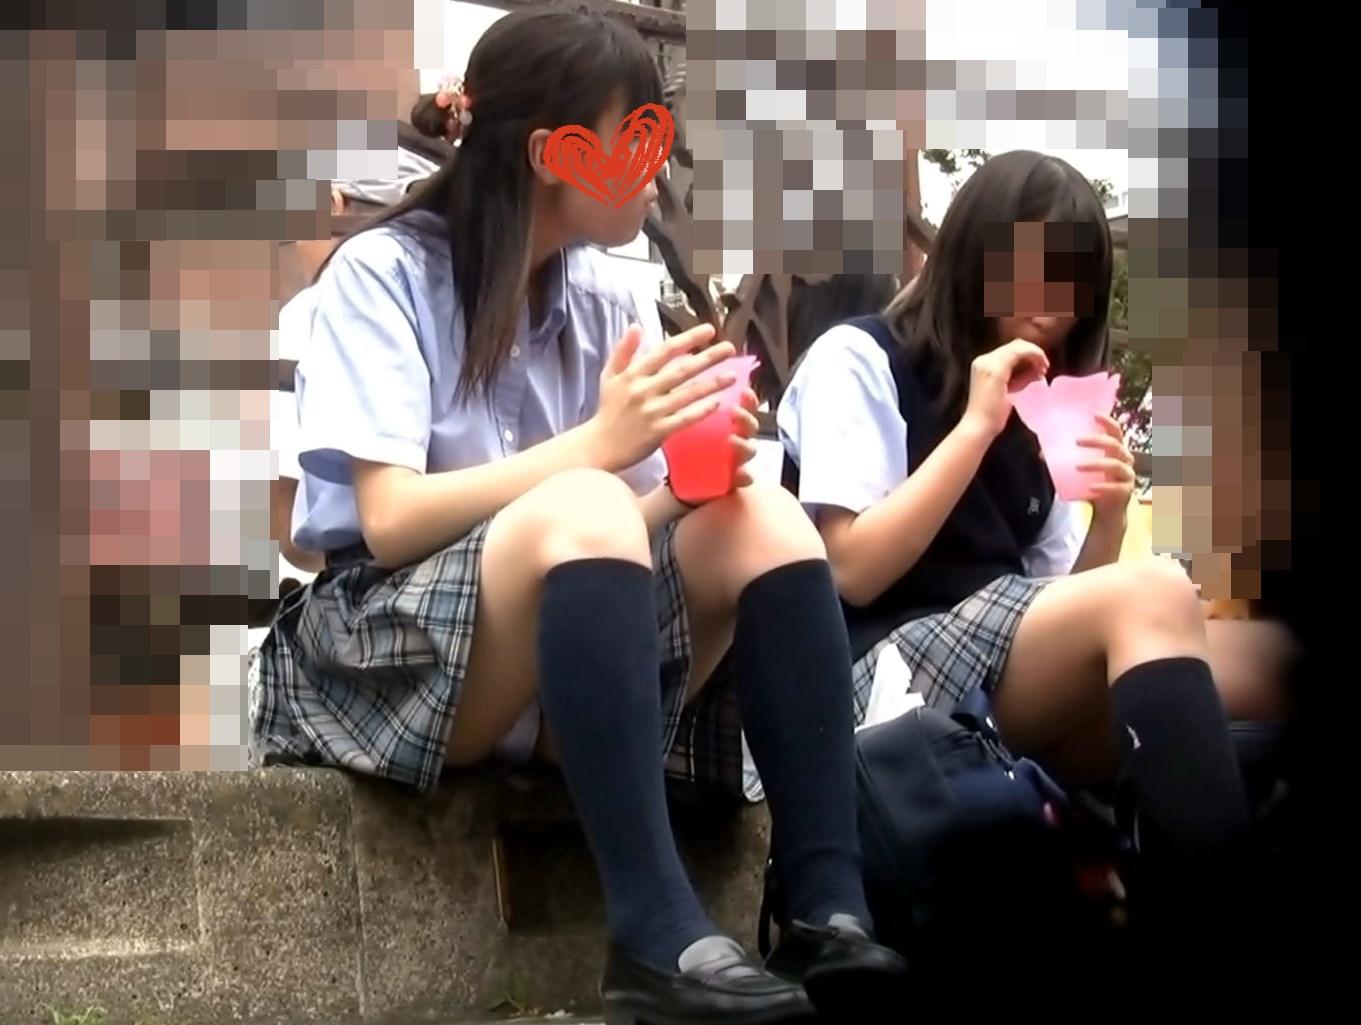 可愛い優等生J○の祭りでのお座り画像つき詳細レビュー